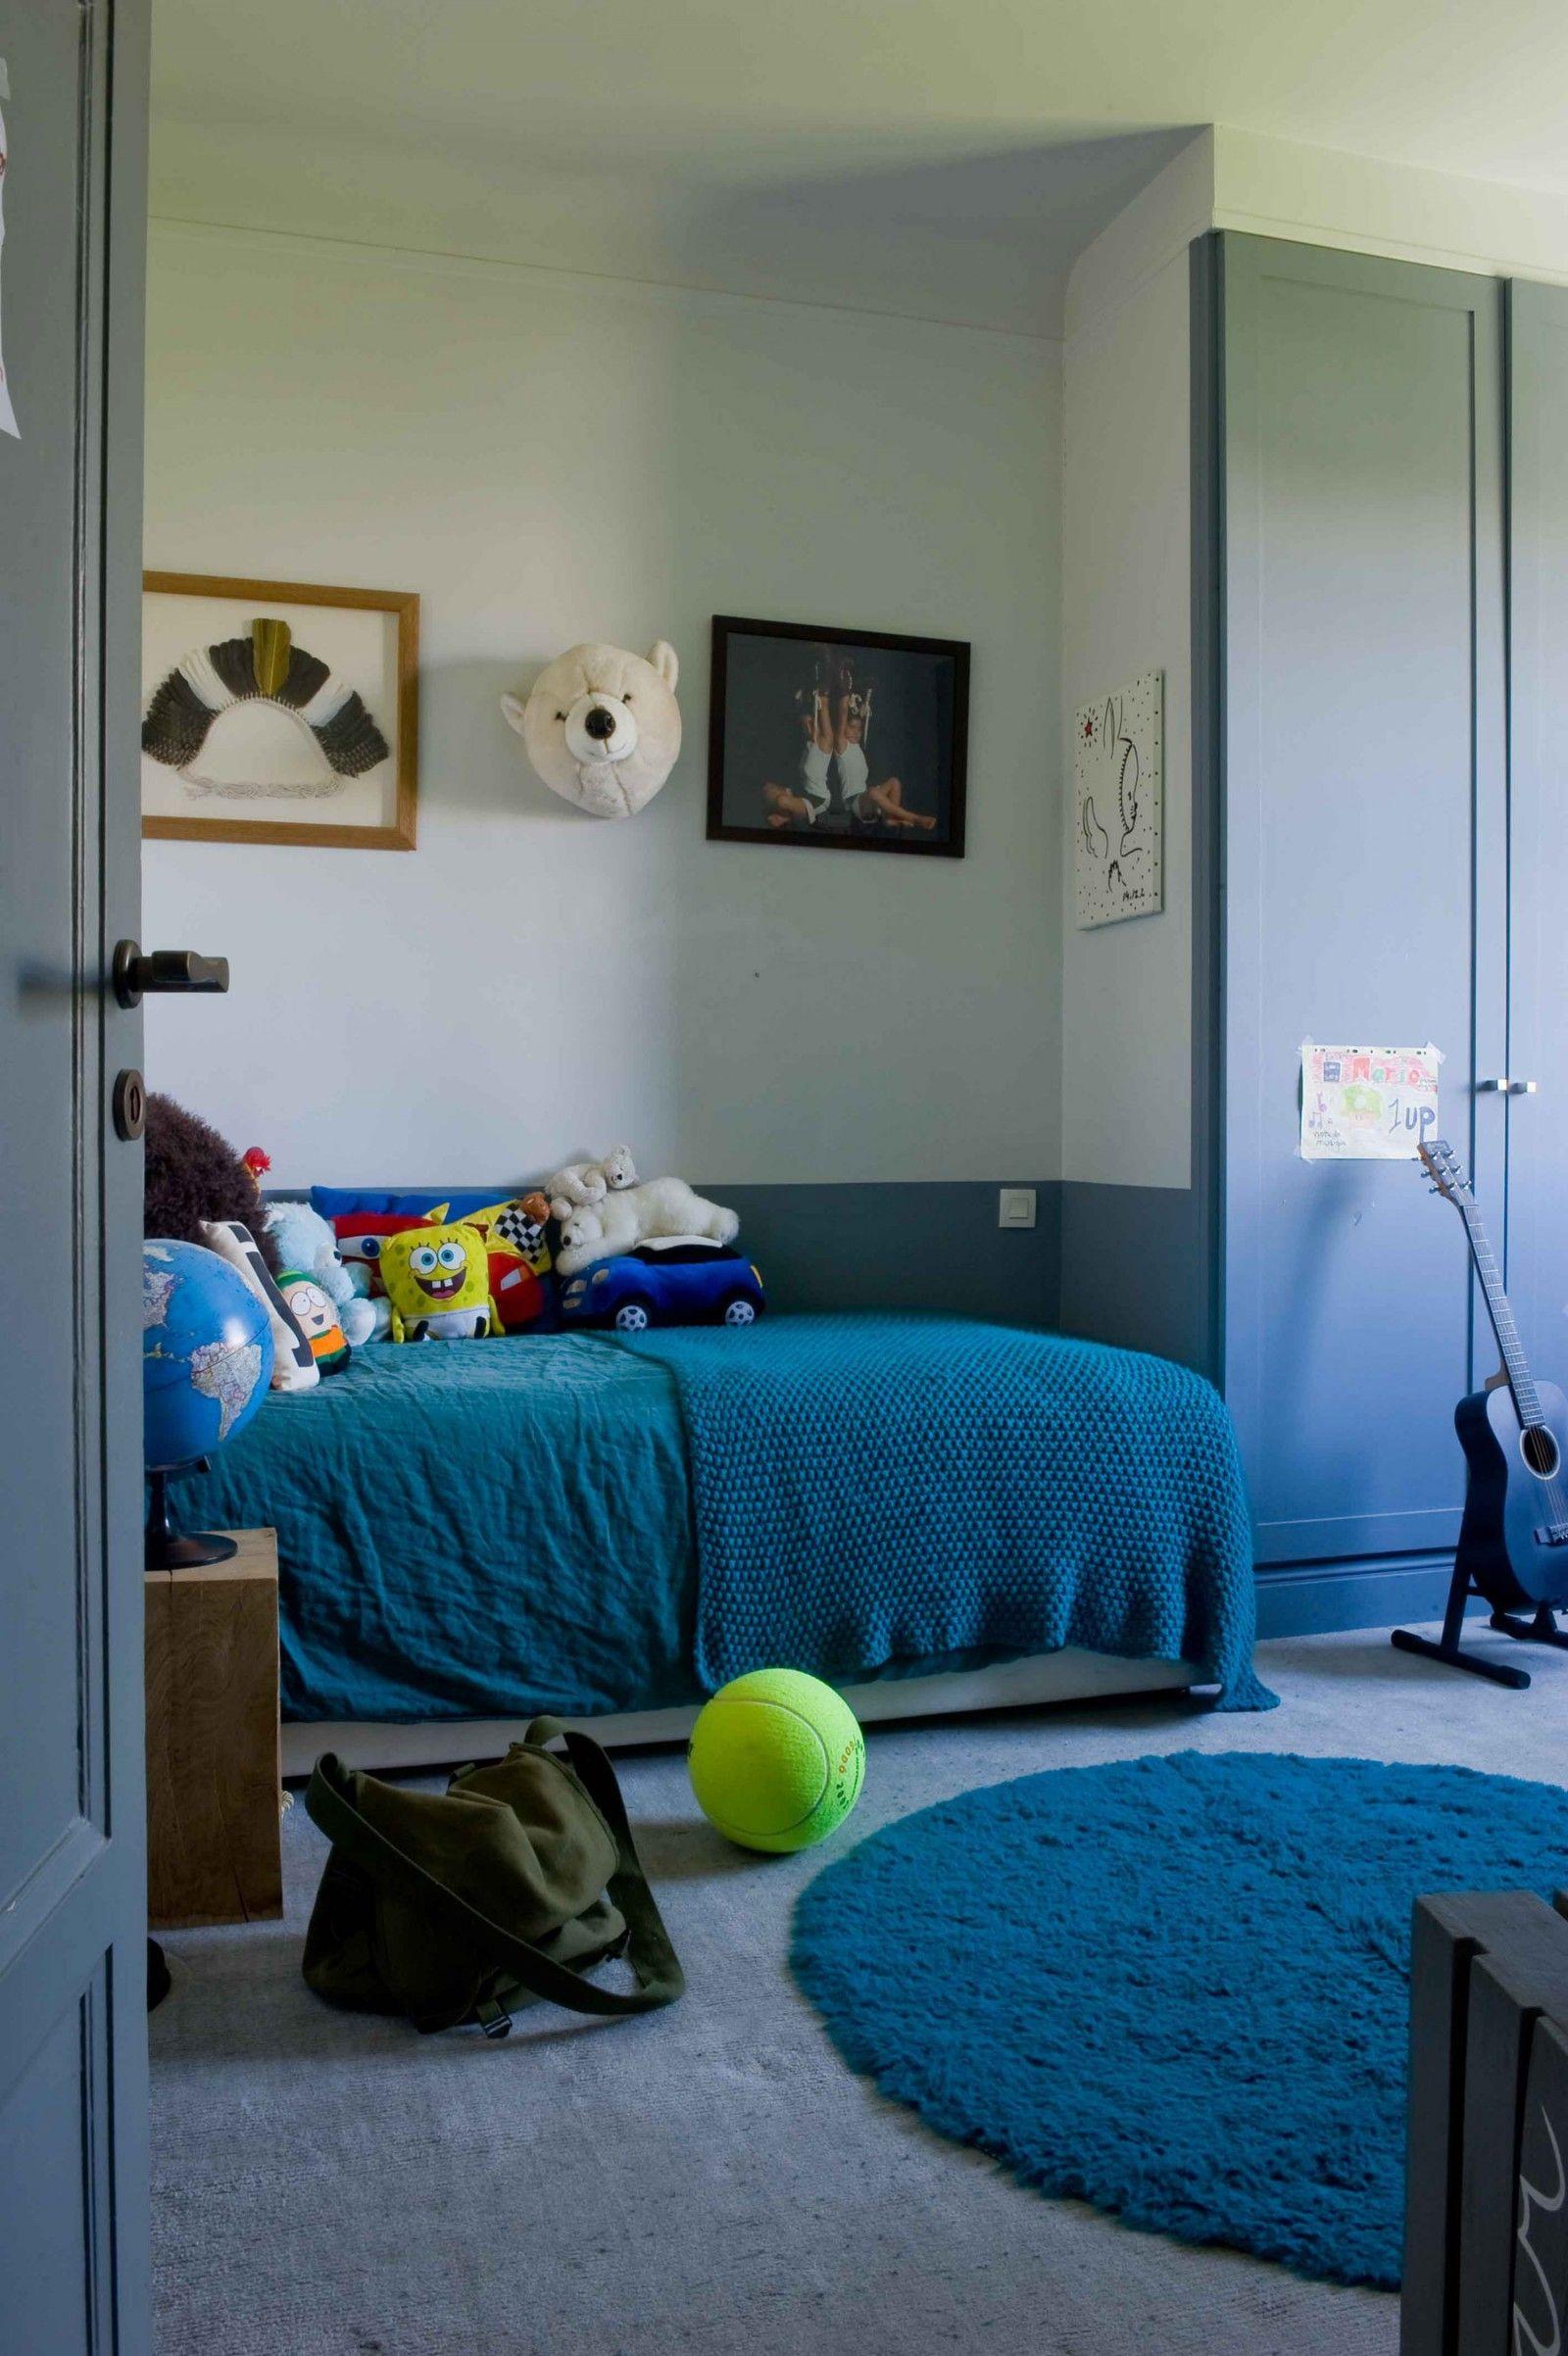 maison de famille sarah lavoine chambres d 39 enfants pinterest sarah lavoine maison de. Black Bedroom Furniture Sets. Home Design Ideas